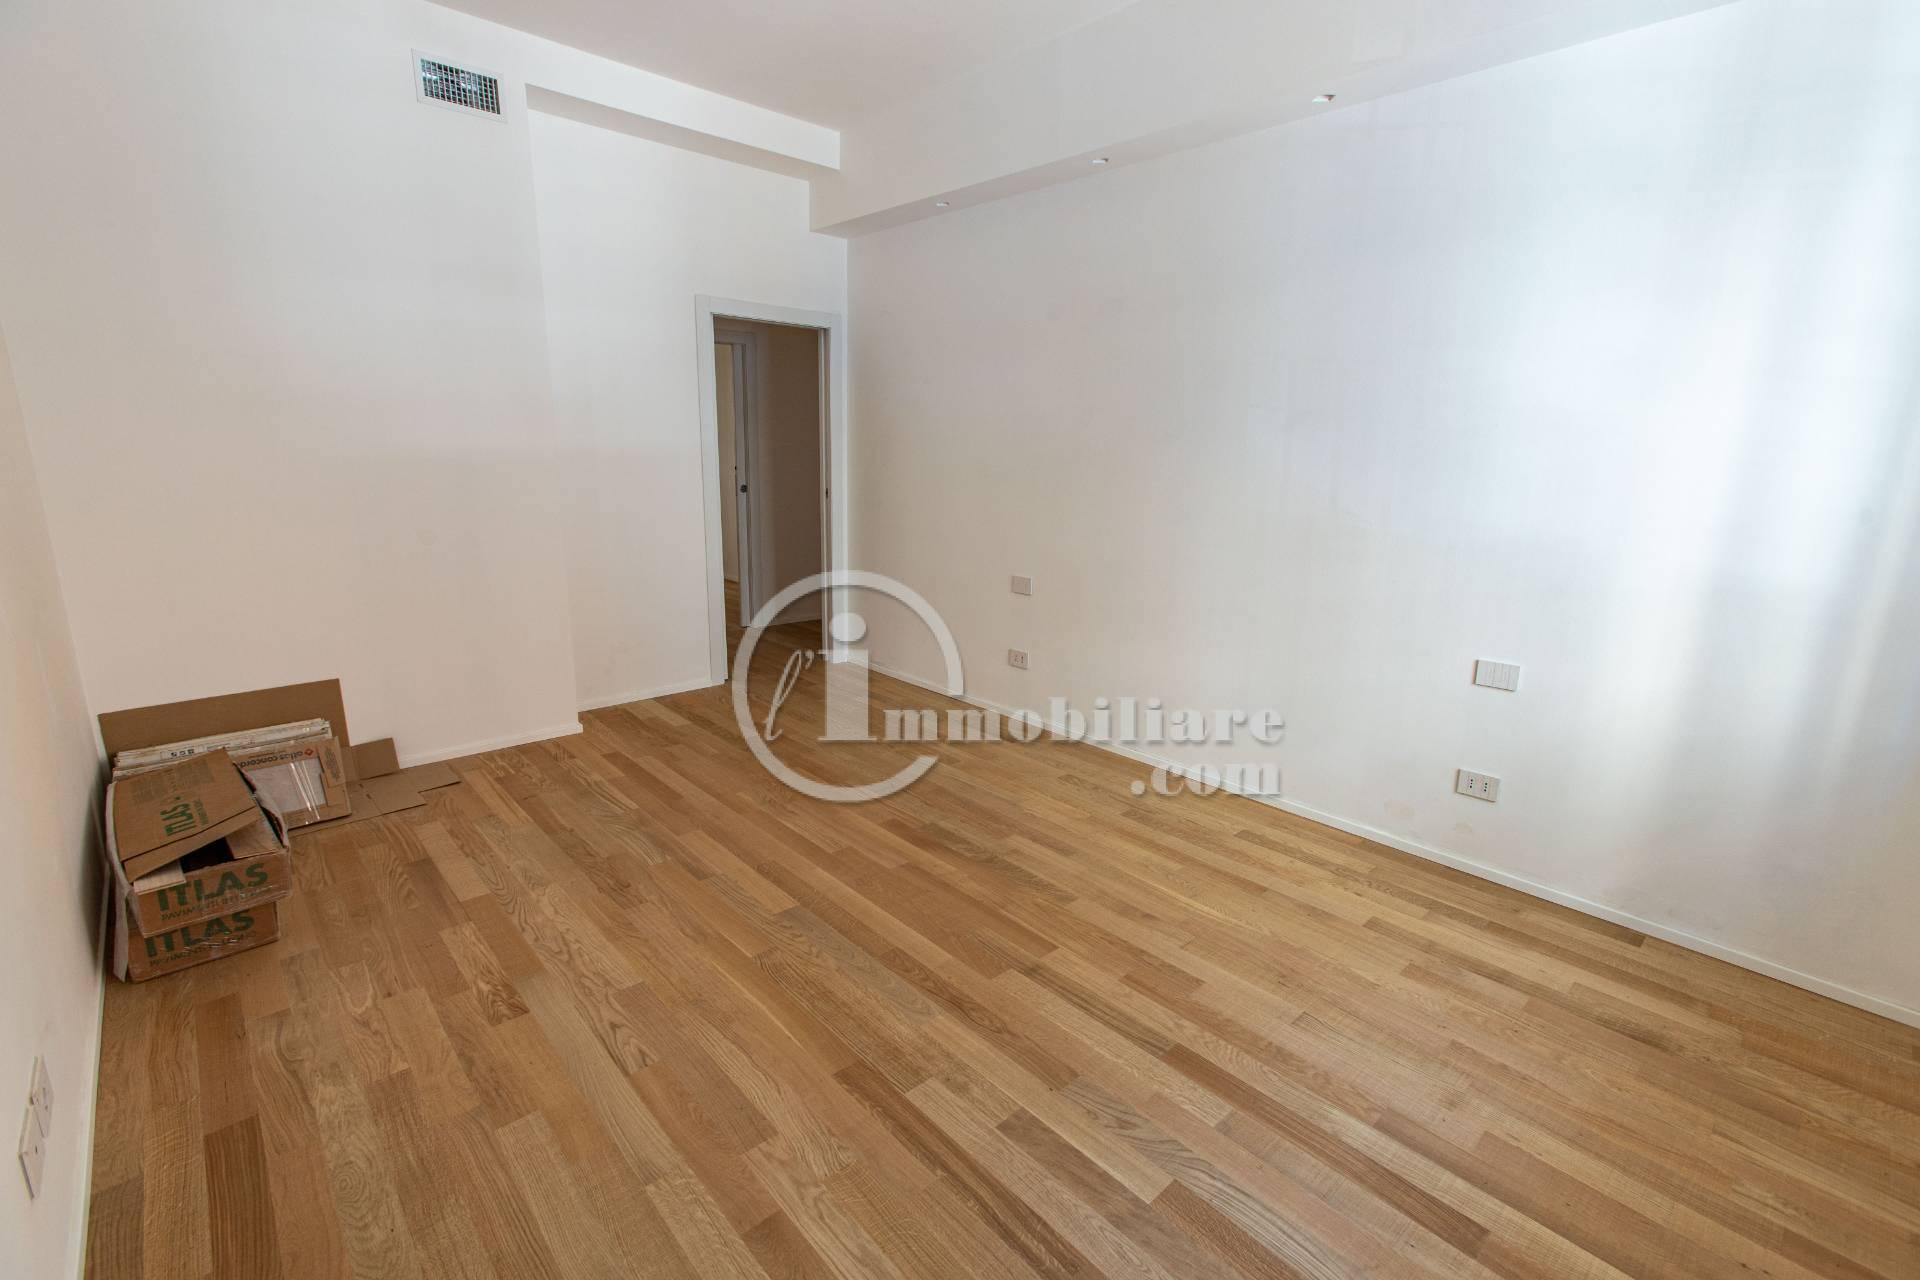 Appartamento in Vendita a Milano: 3 locali, 75 mq - Foto 21